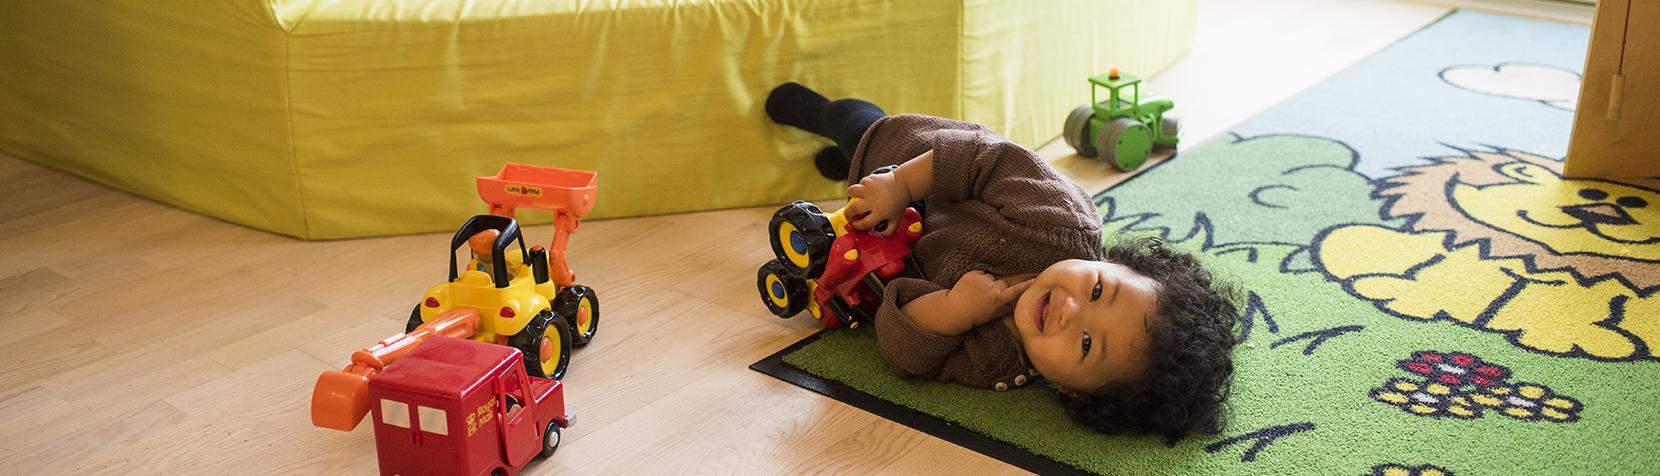 Lille pige tumler på gulvet